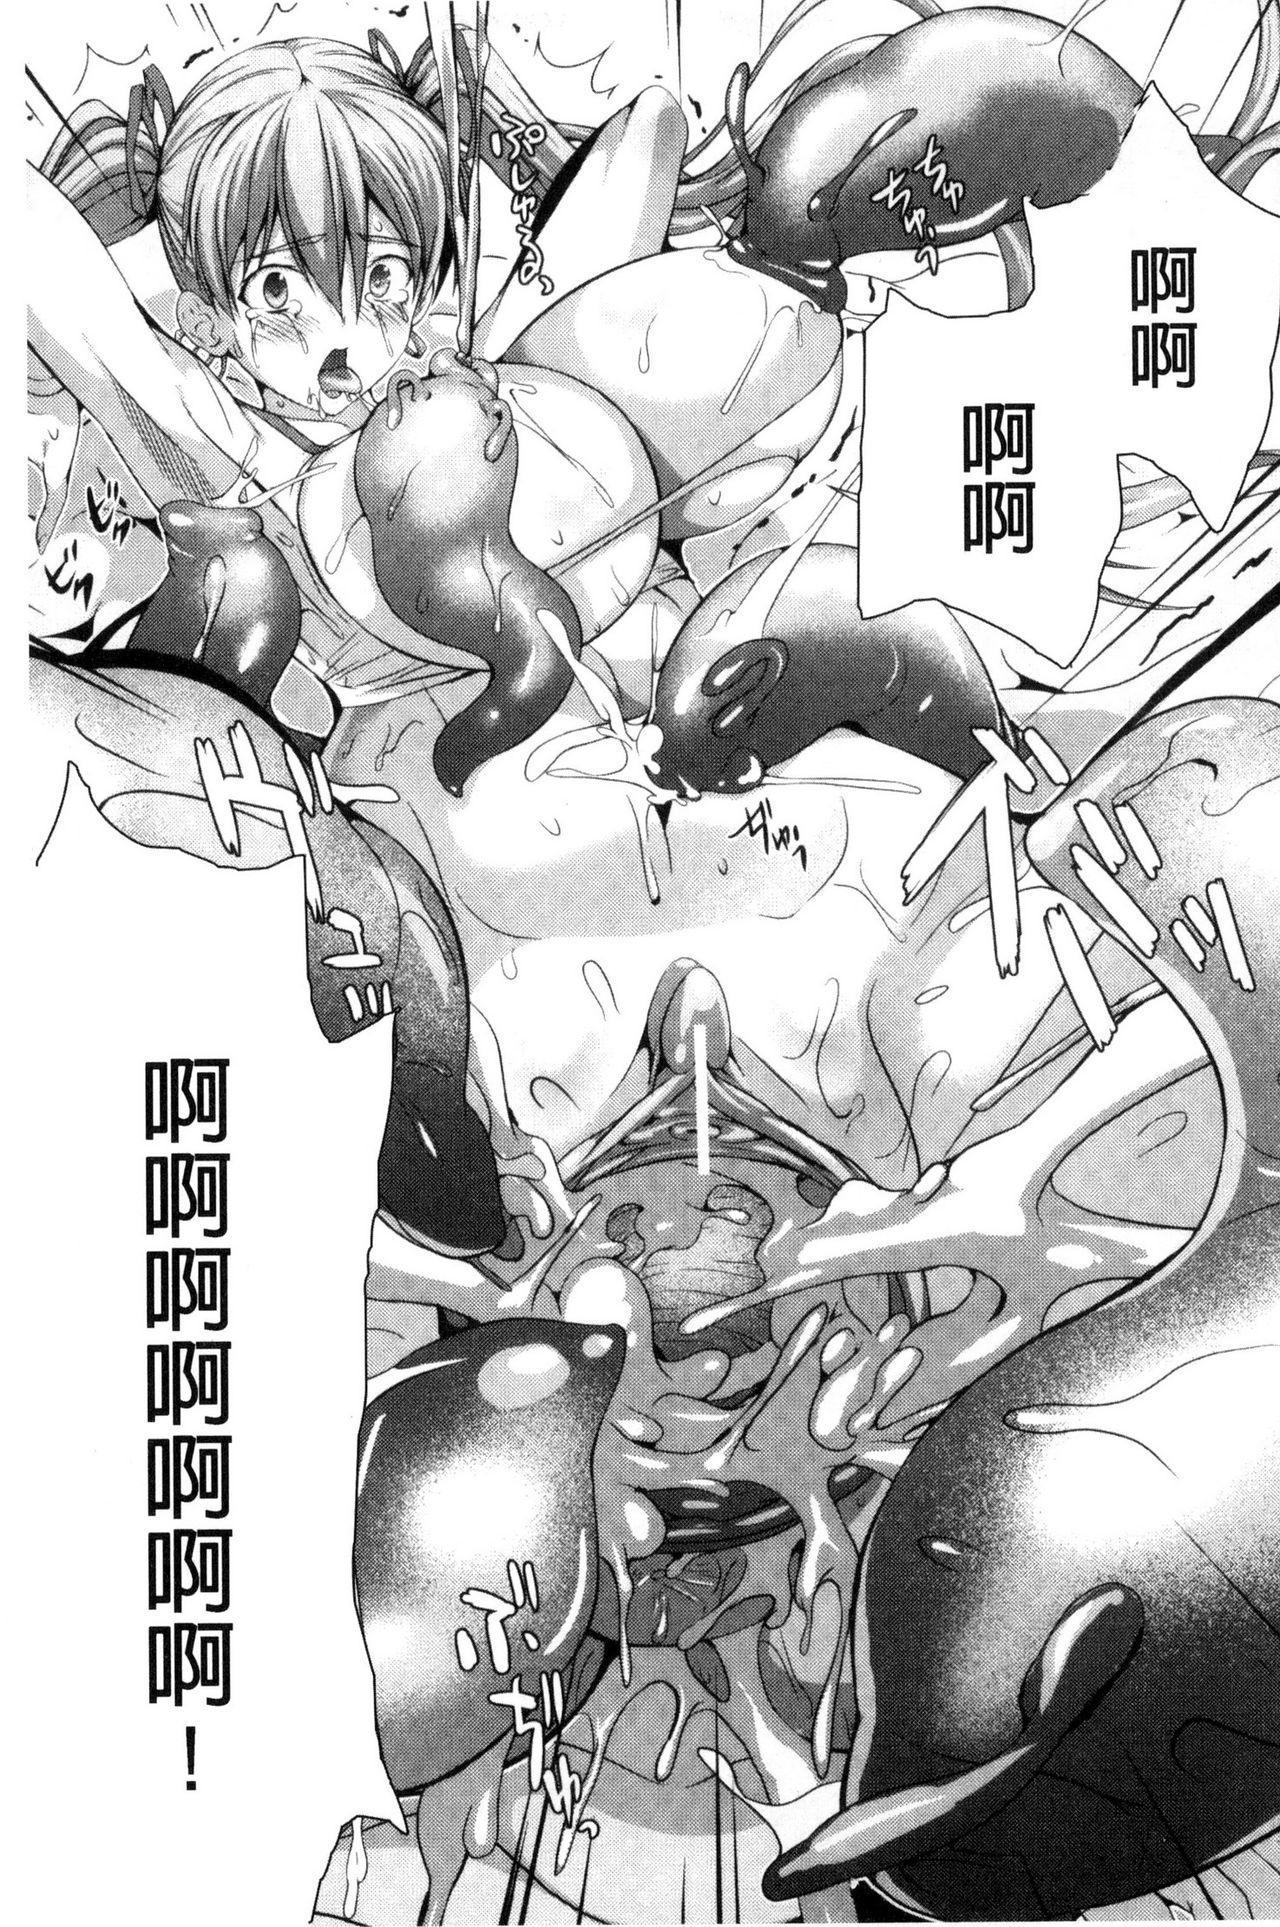 Busou Senki 61